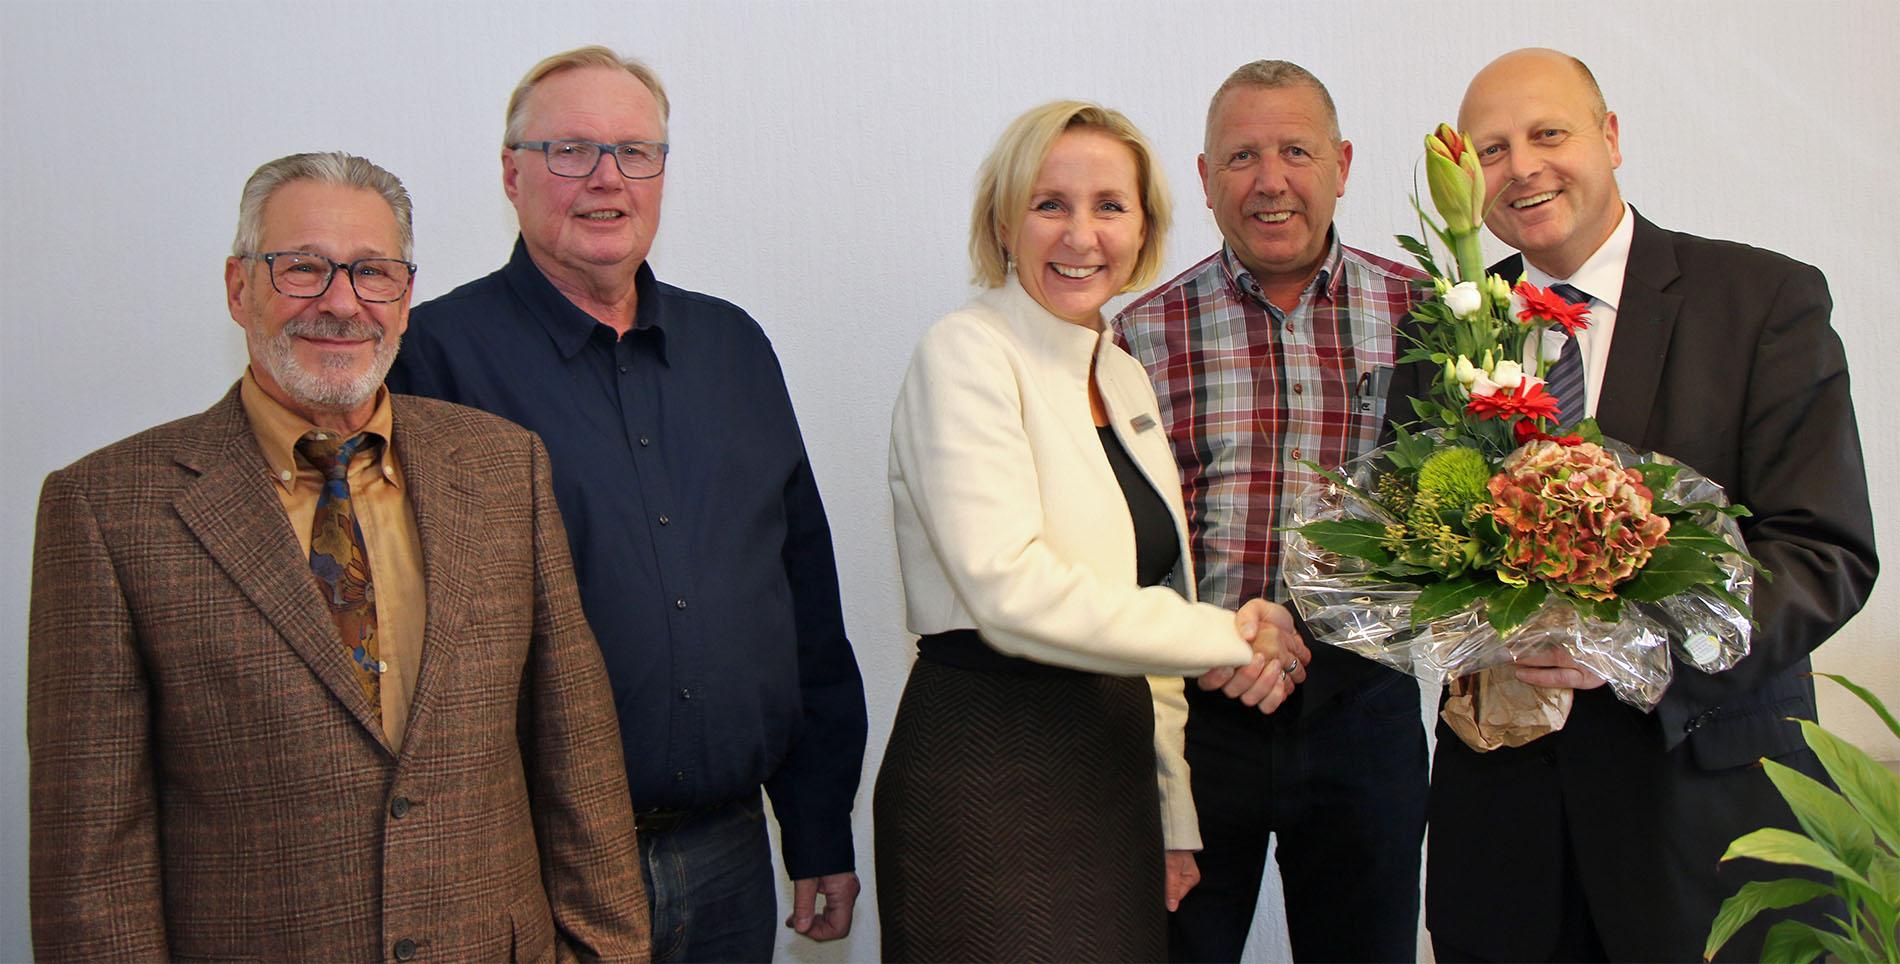 Bei der offiziellen Ernennung zur Protektorin für die Jubiläumsfeierlichkeiten 2020 überreichte MGV-Vorsitzender Manfred Speuser einen Blumenstrauß an Rita Markus-Schmitz. (Foto: Bastian Schlößer)